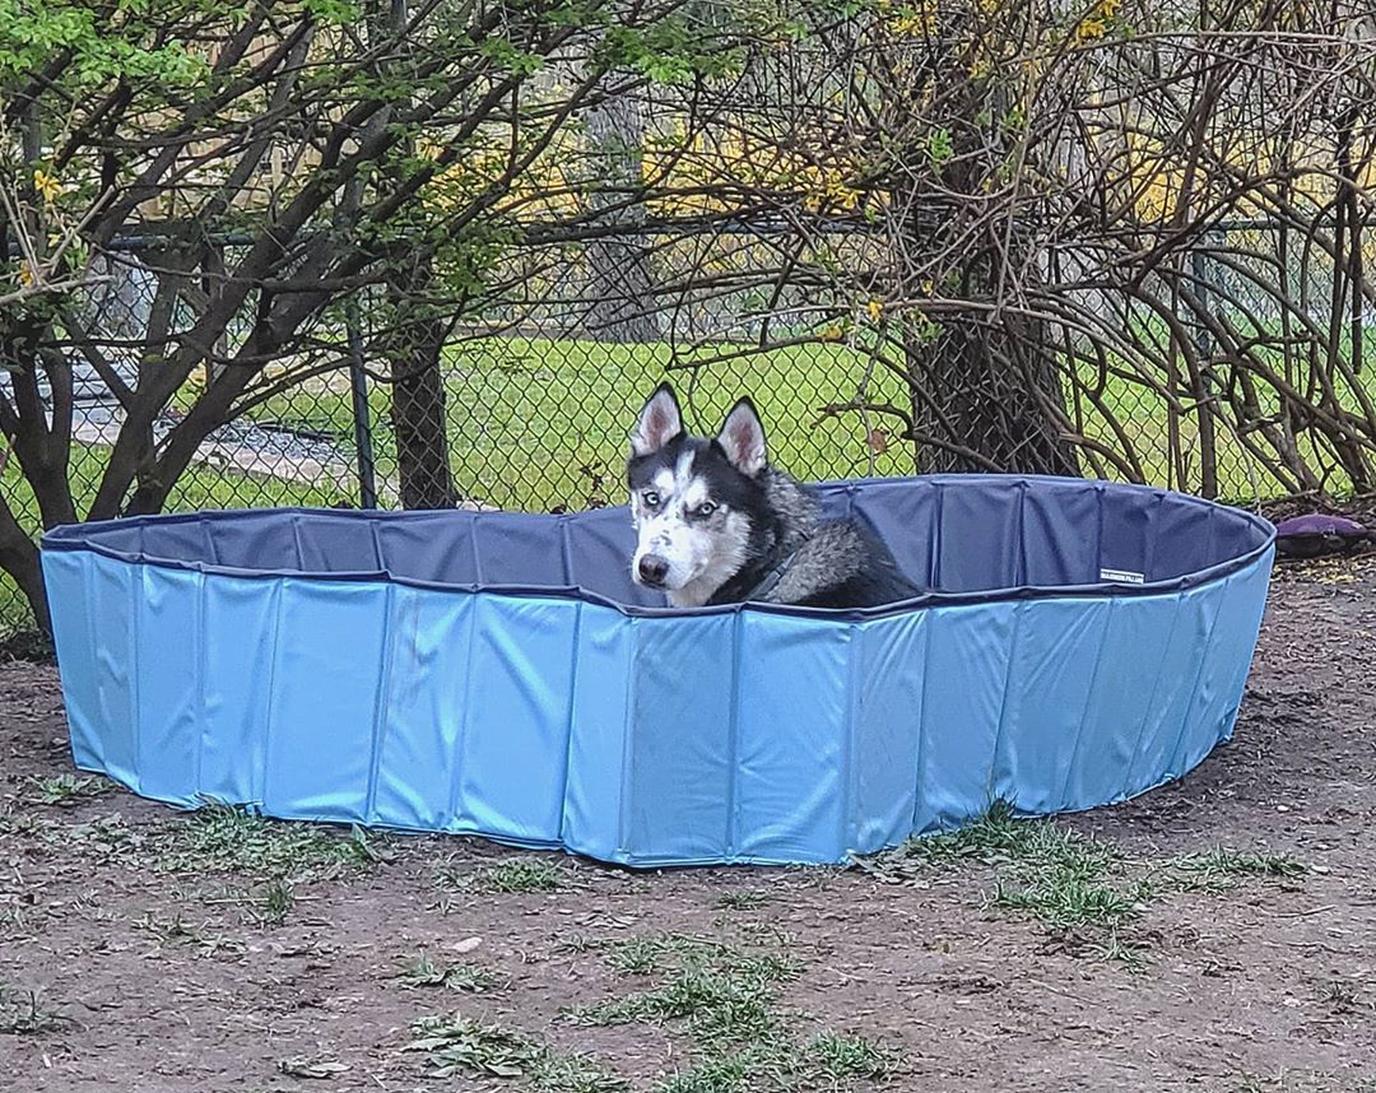 A Husky enjoys his dog pool.